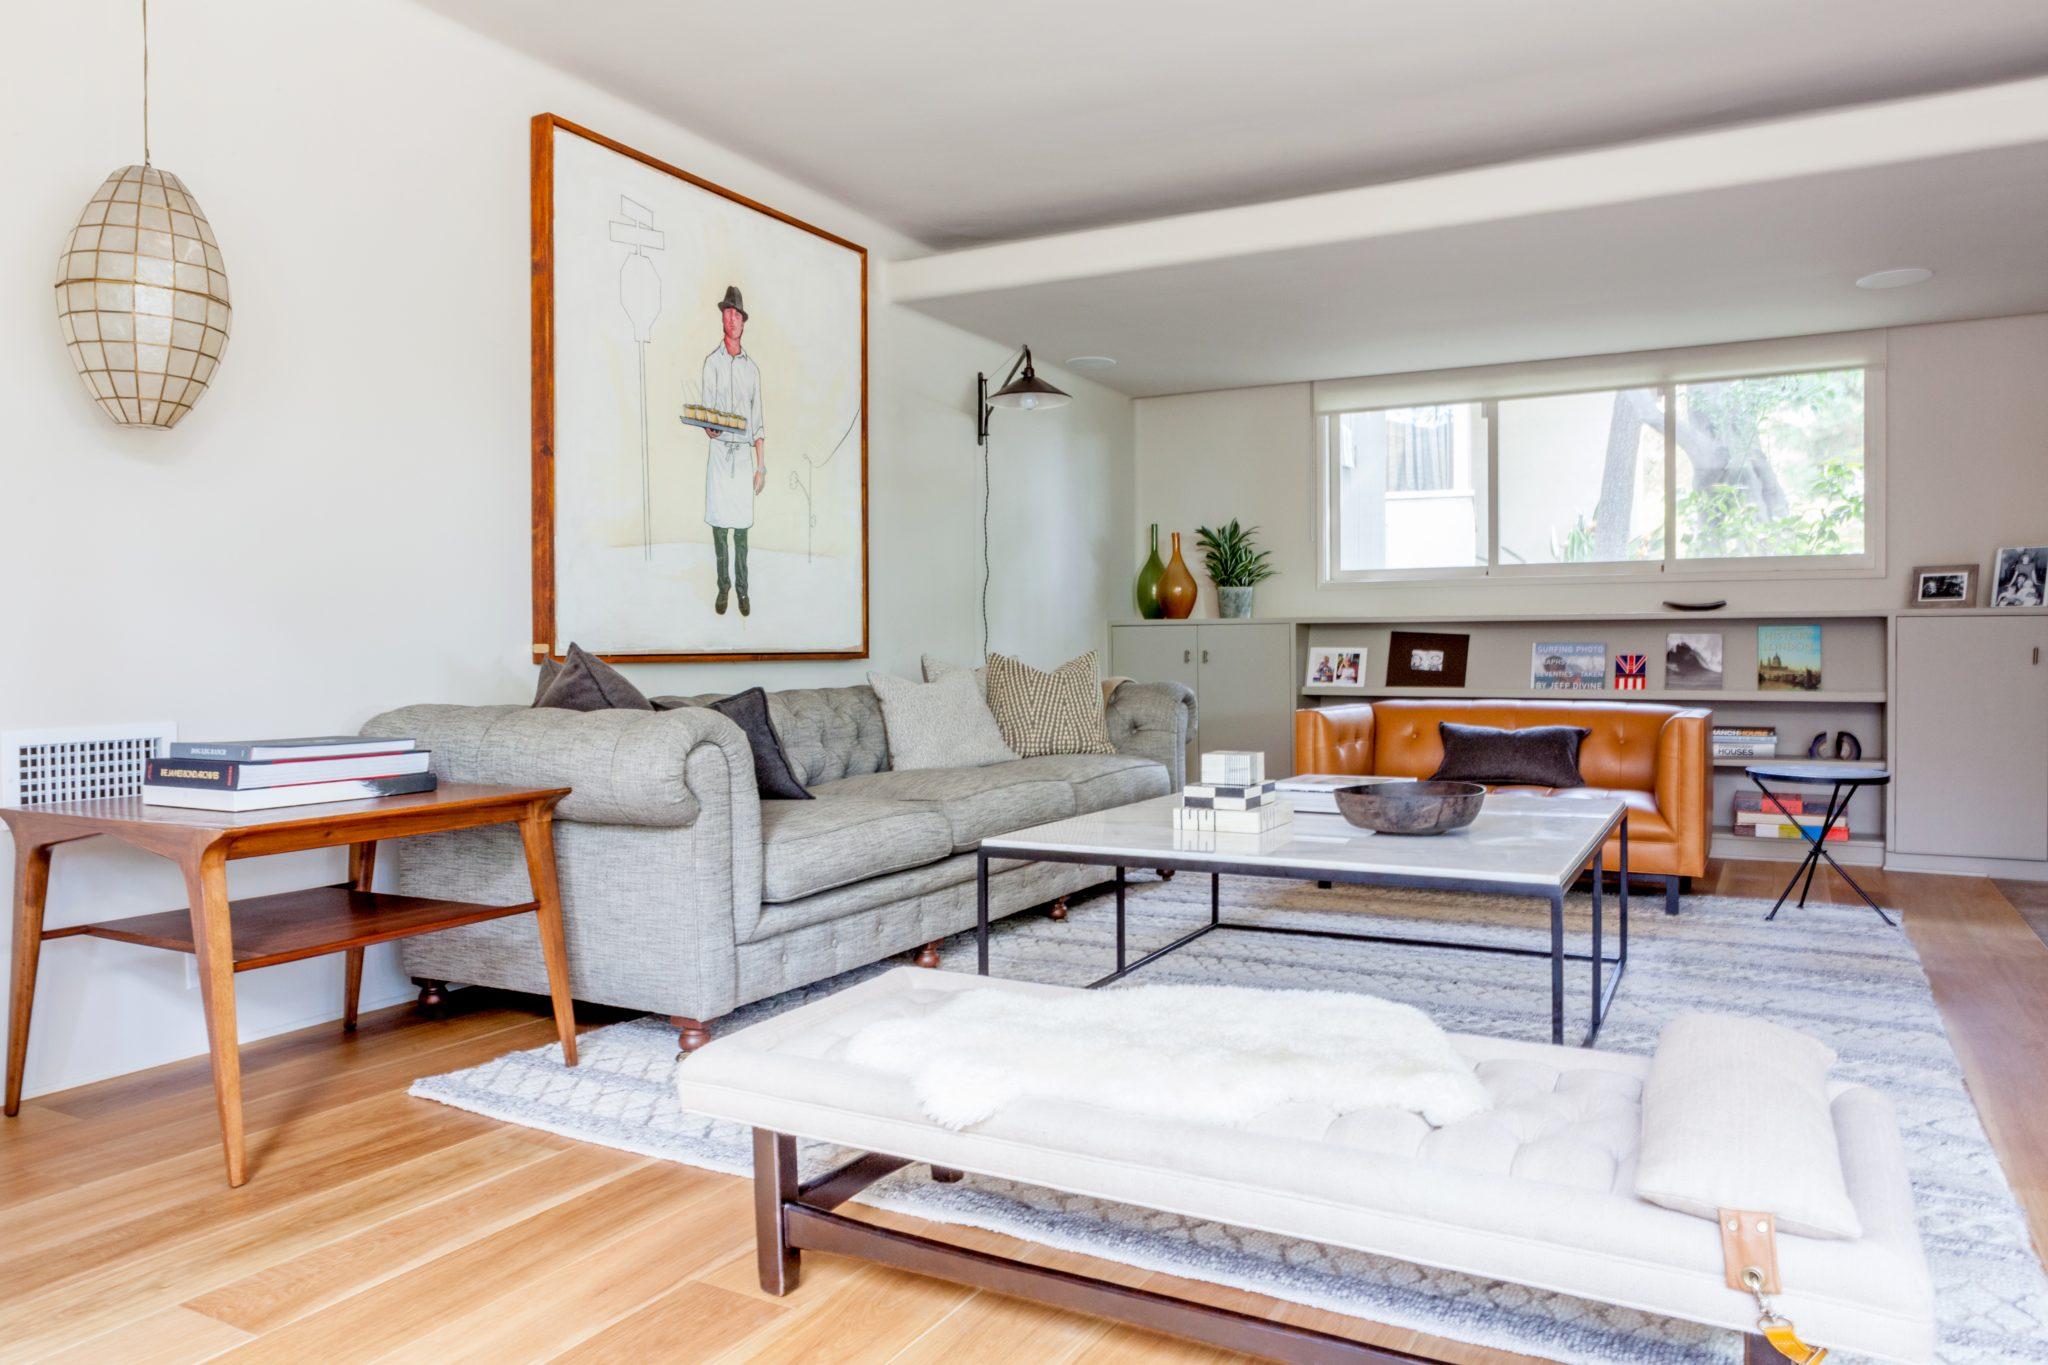 Cùng chiêm ngưỡng vẻ đẹp khó cưỡng của những căn phòng khách mang phong cách đương đại - Ảnh 7.